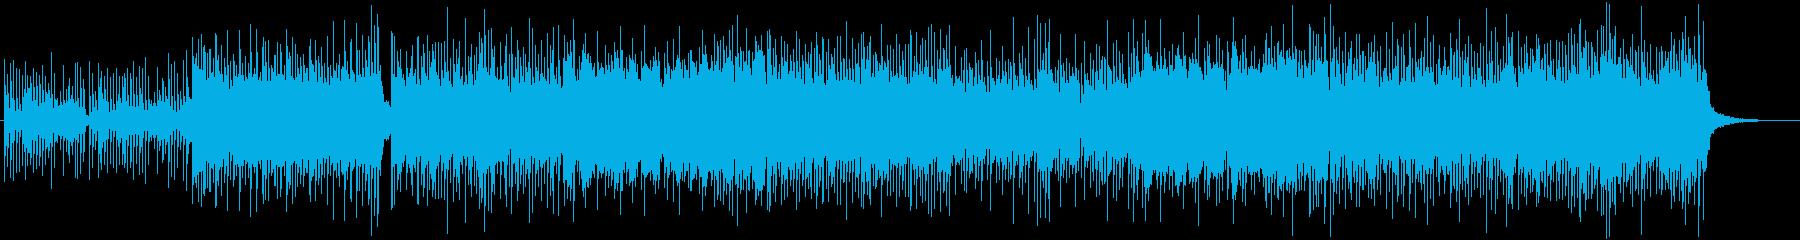 和風、三味線メタル2、激しい(声なし)bの再生済みの波形